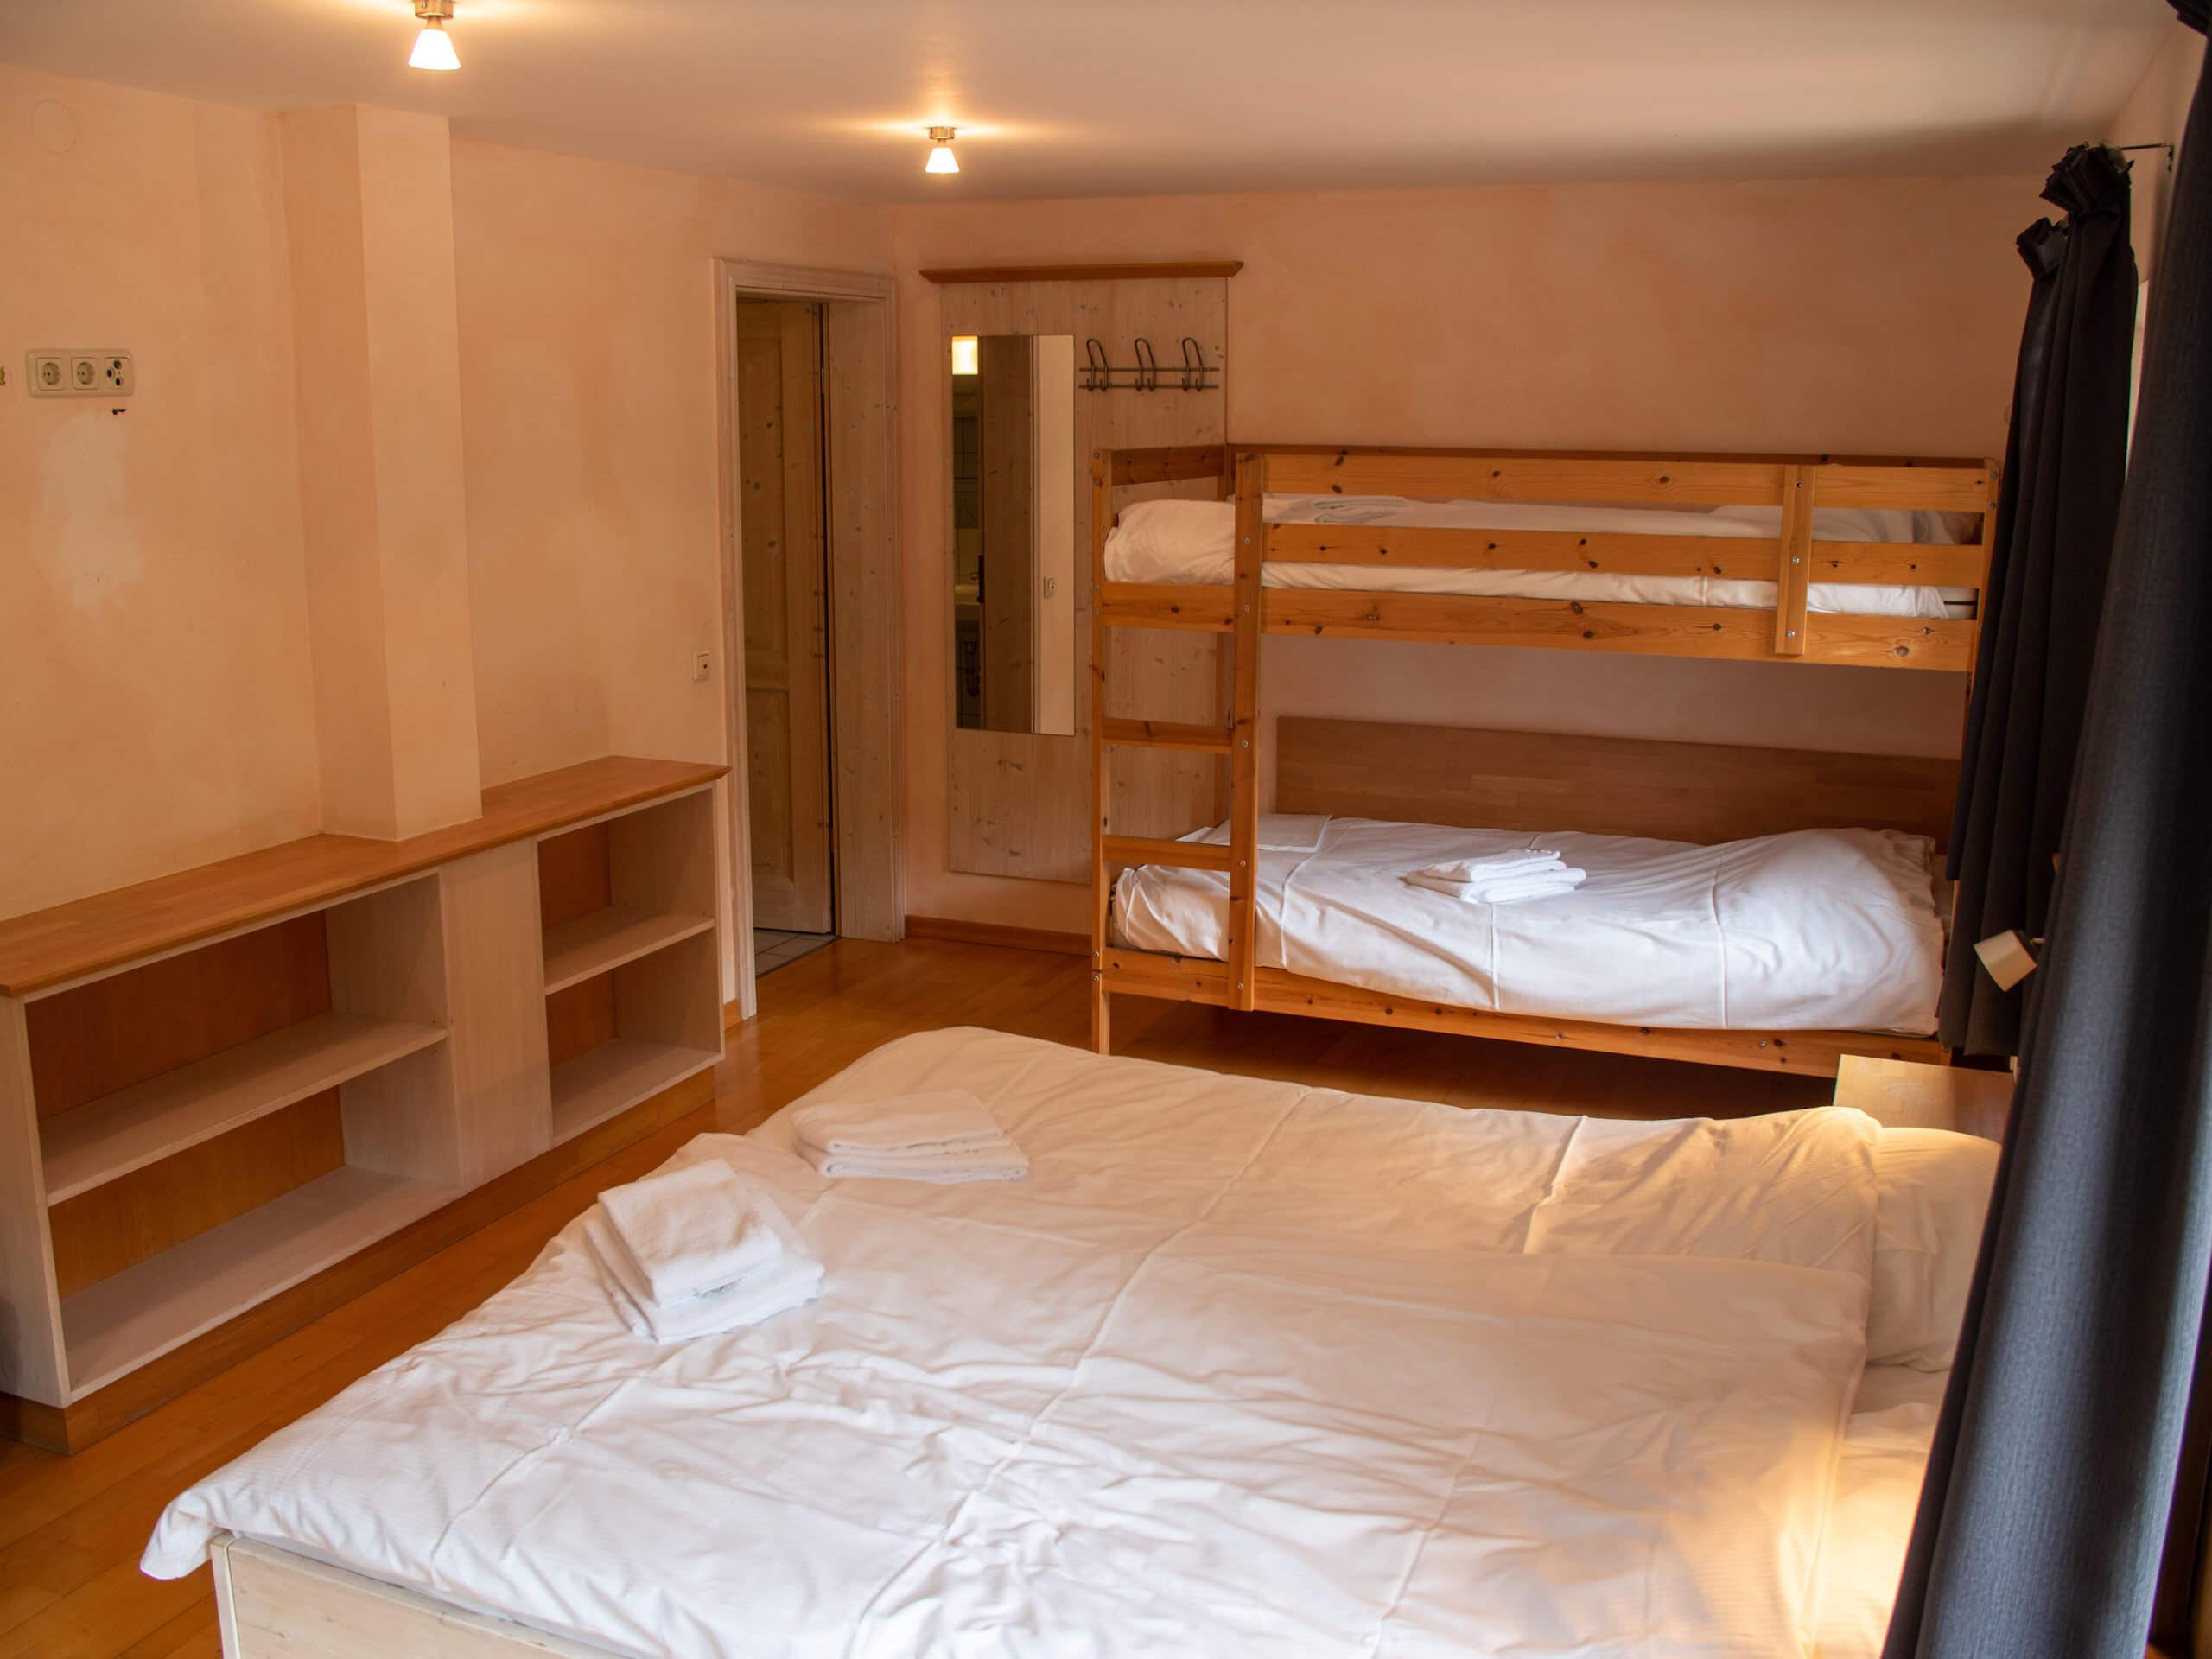 Innen - Schlafzimmer #3